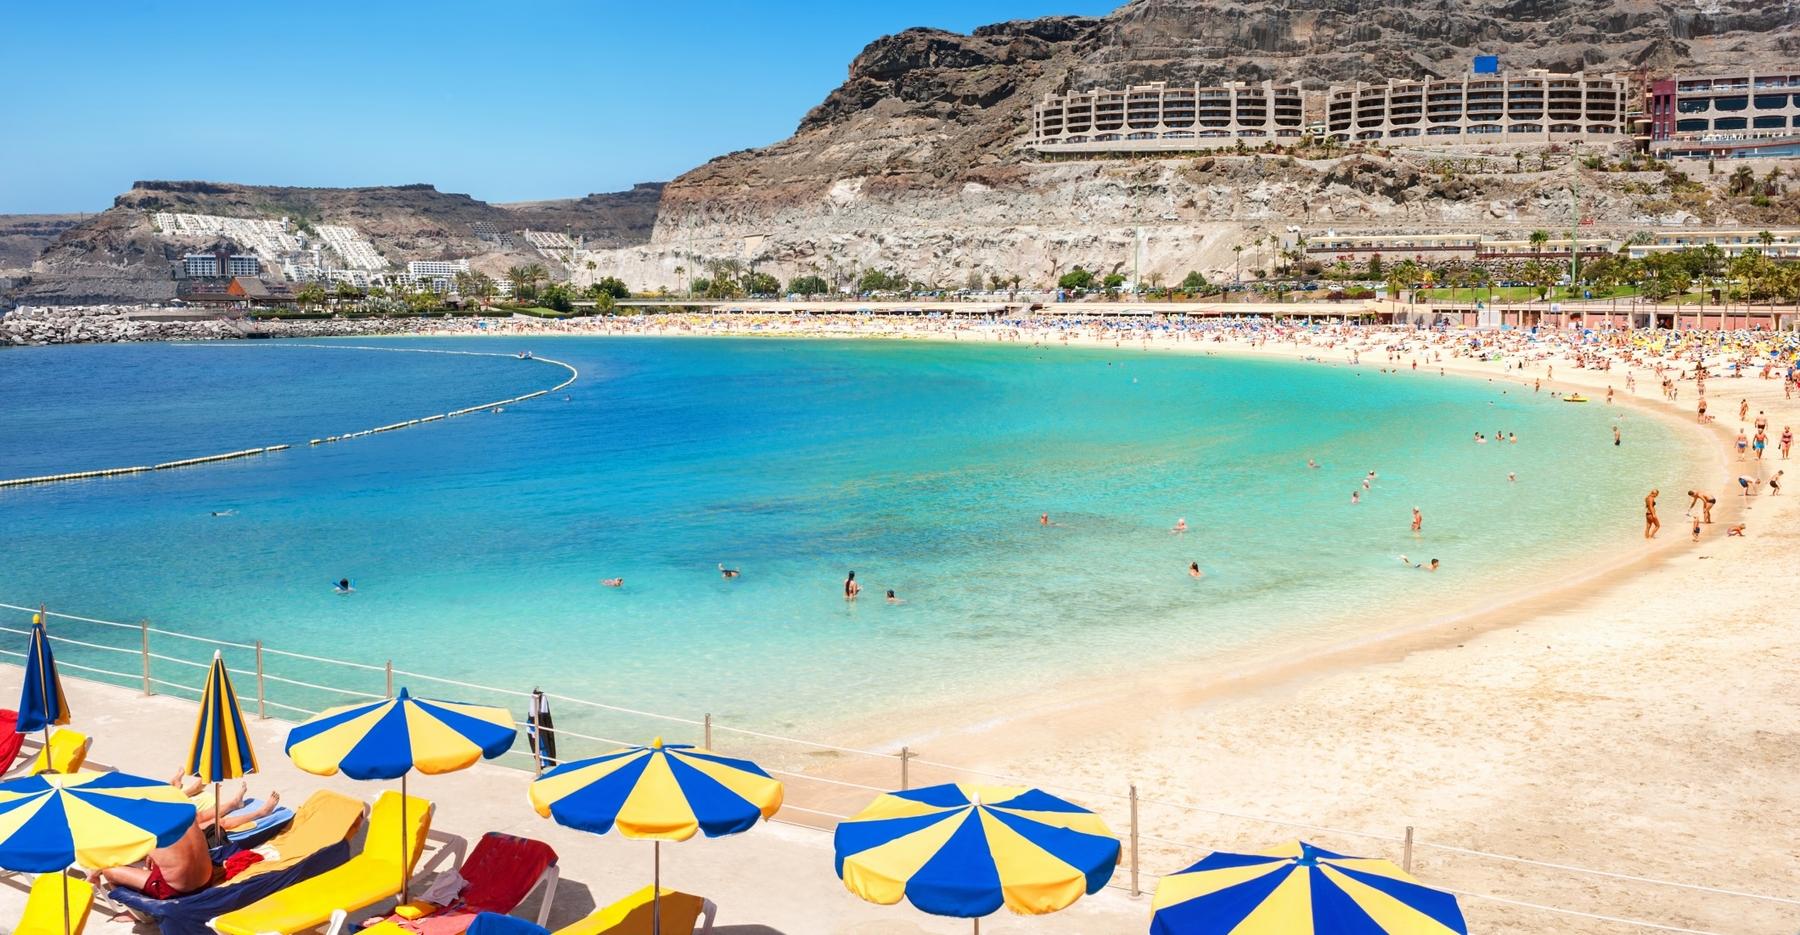 Spiagge gran Canaria: Playa de Amadores Gran Canaria